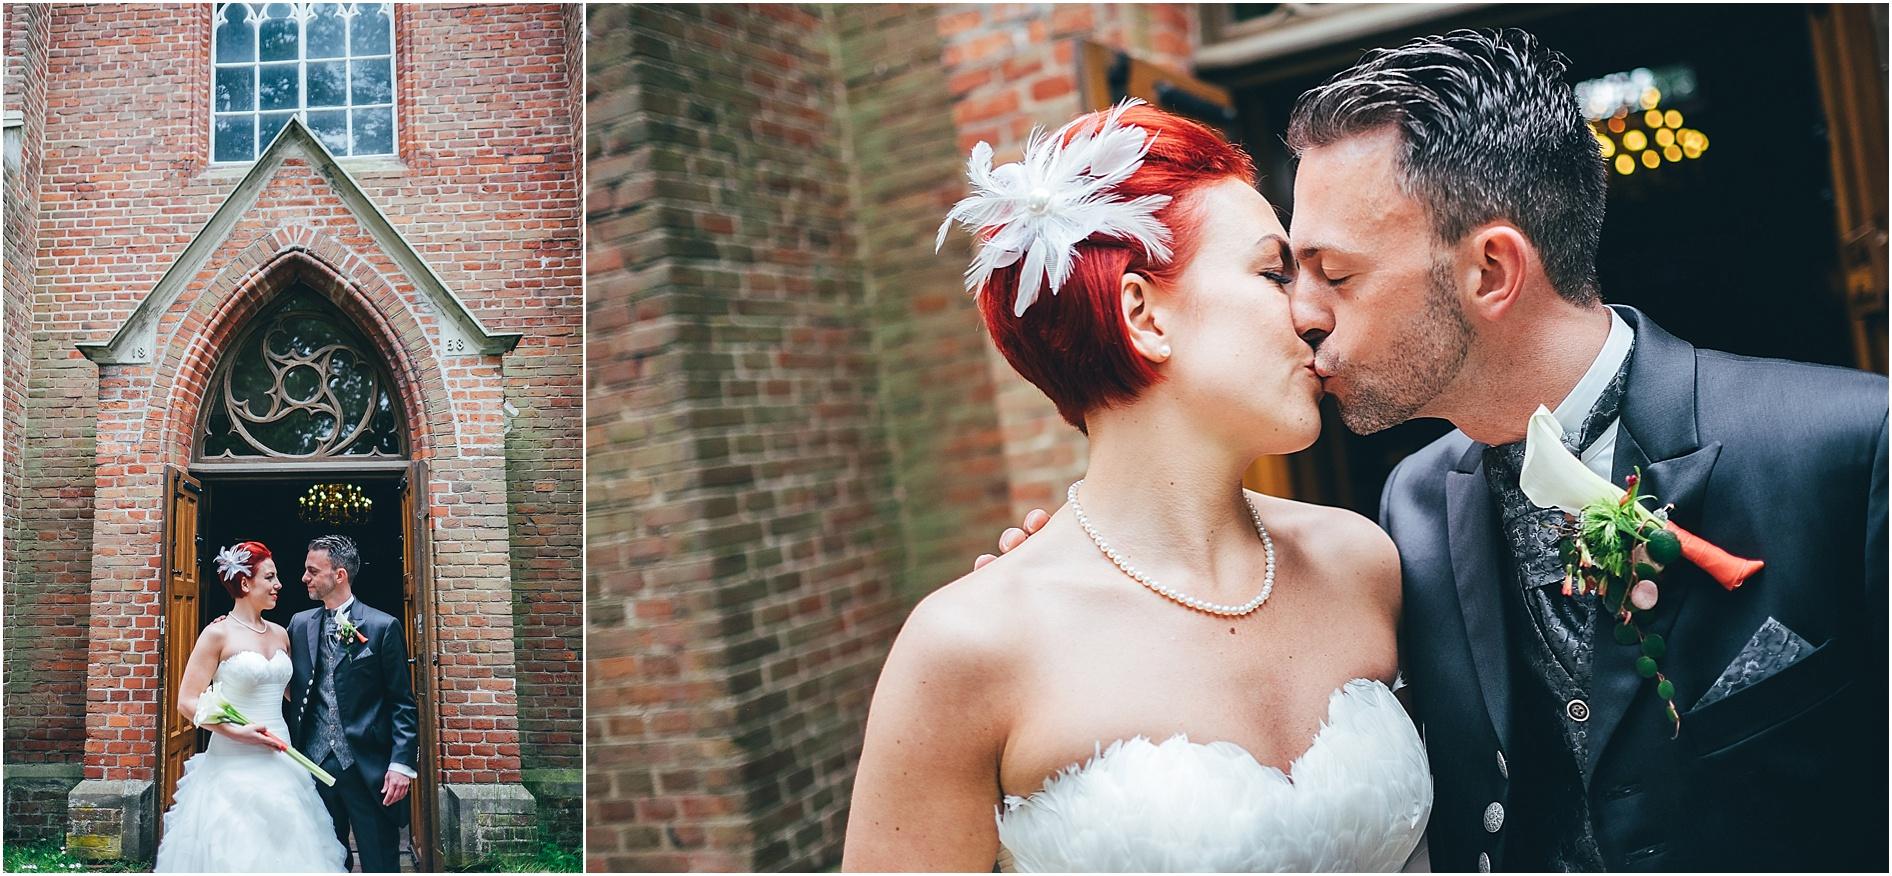 2015-10-27_0049 Tine & Chrischan - Hochzeitsfilm & Fotos in Lüneburg